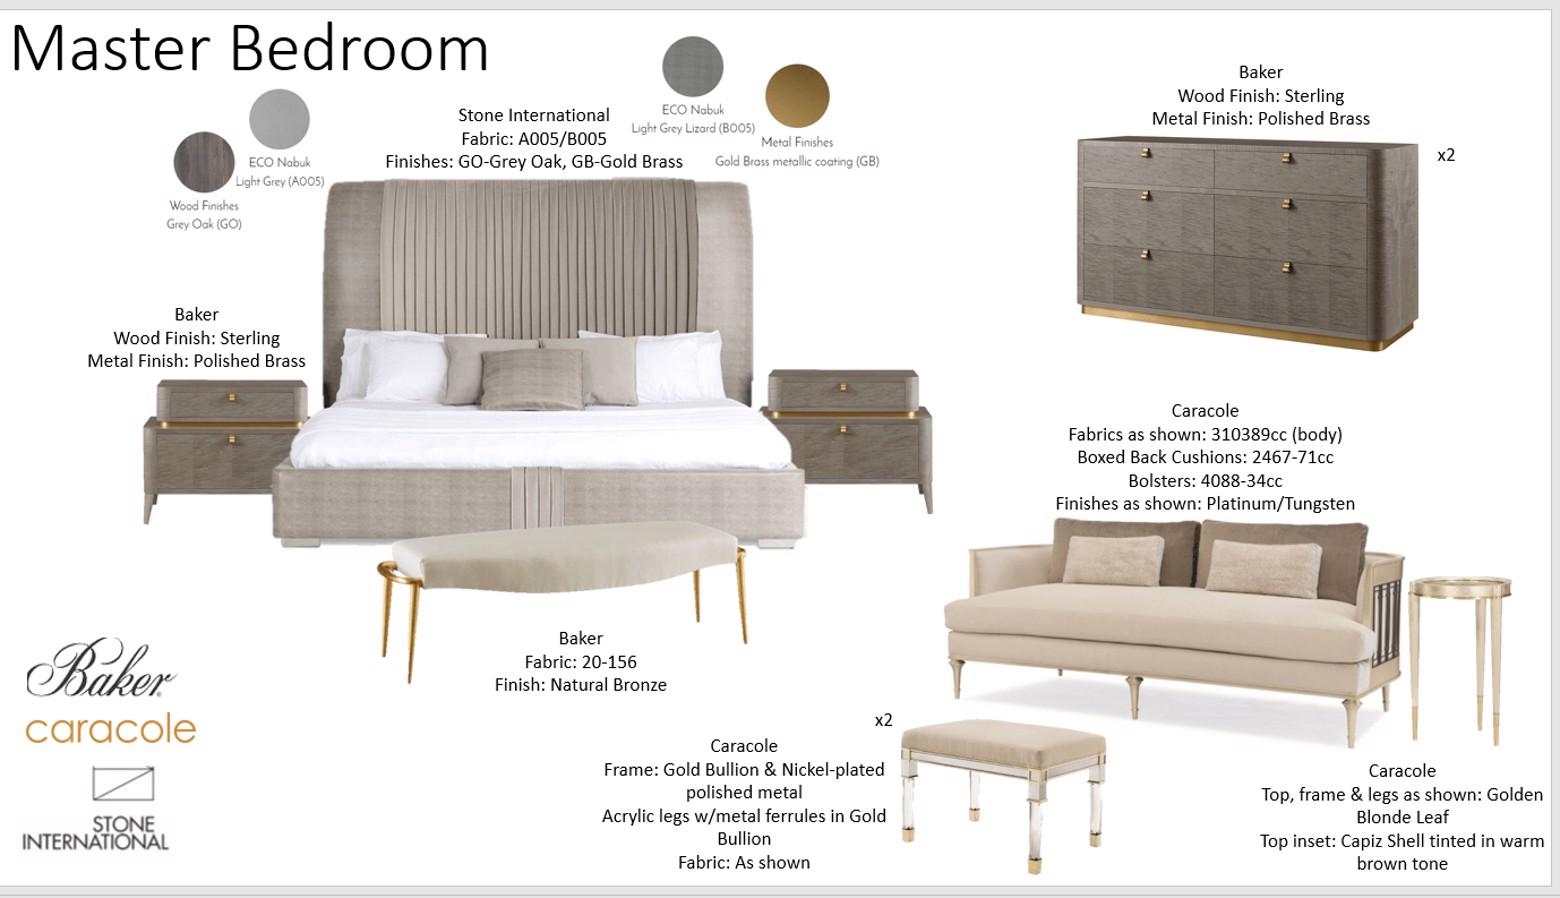 tom-obrien-master-bedroom-1.png image